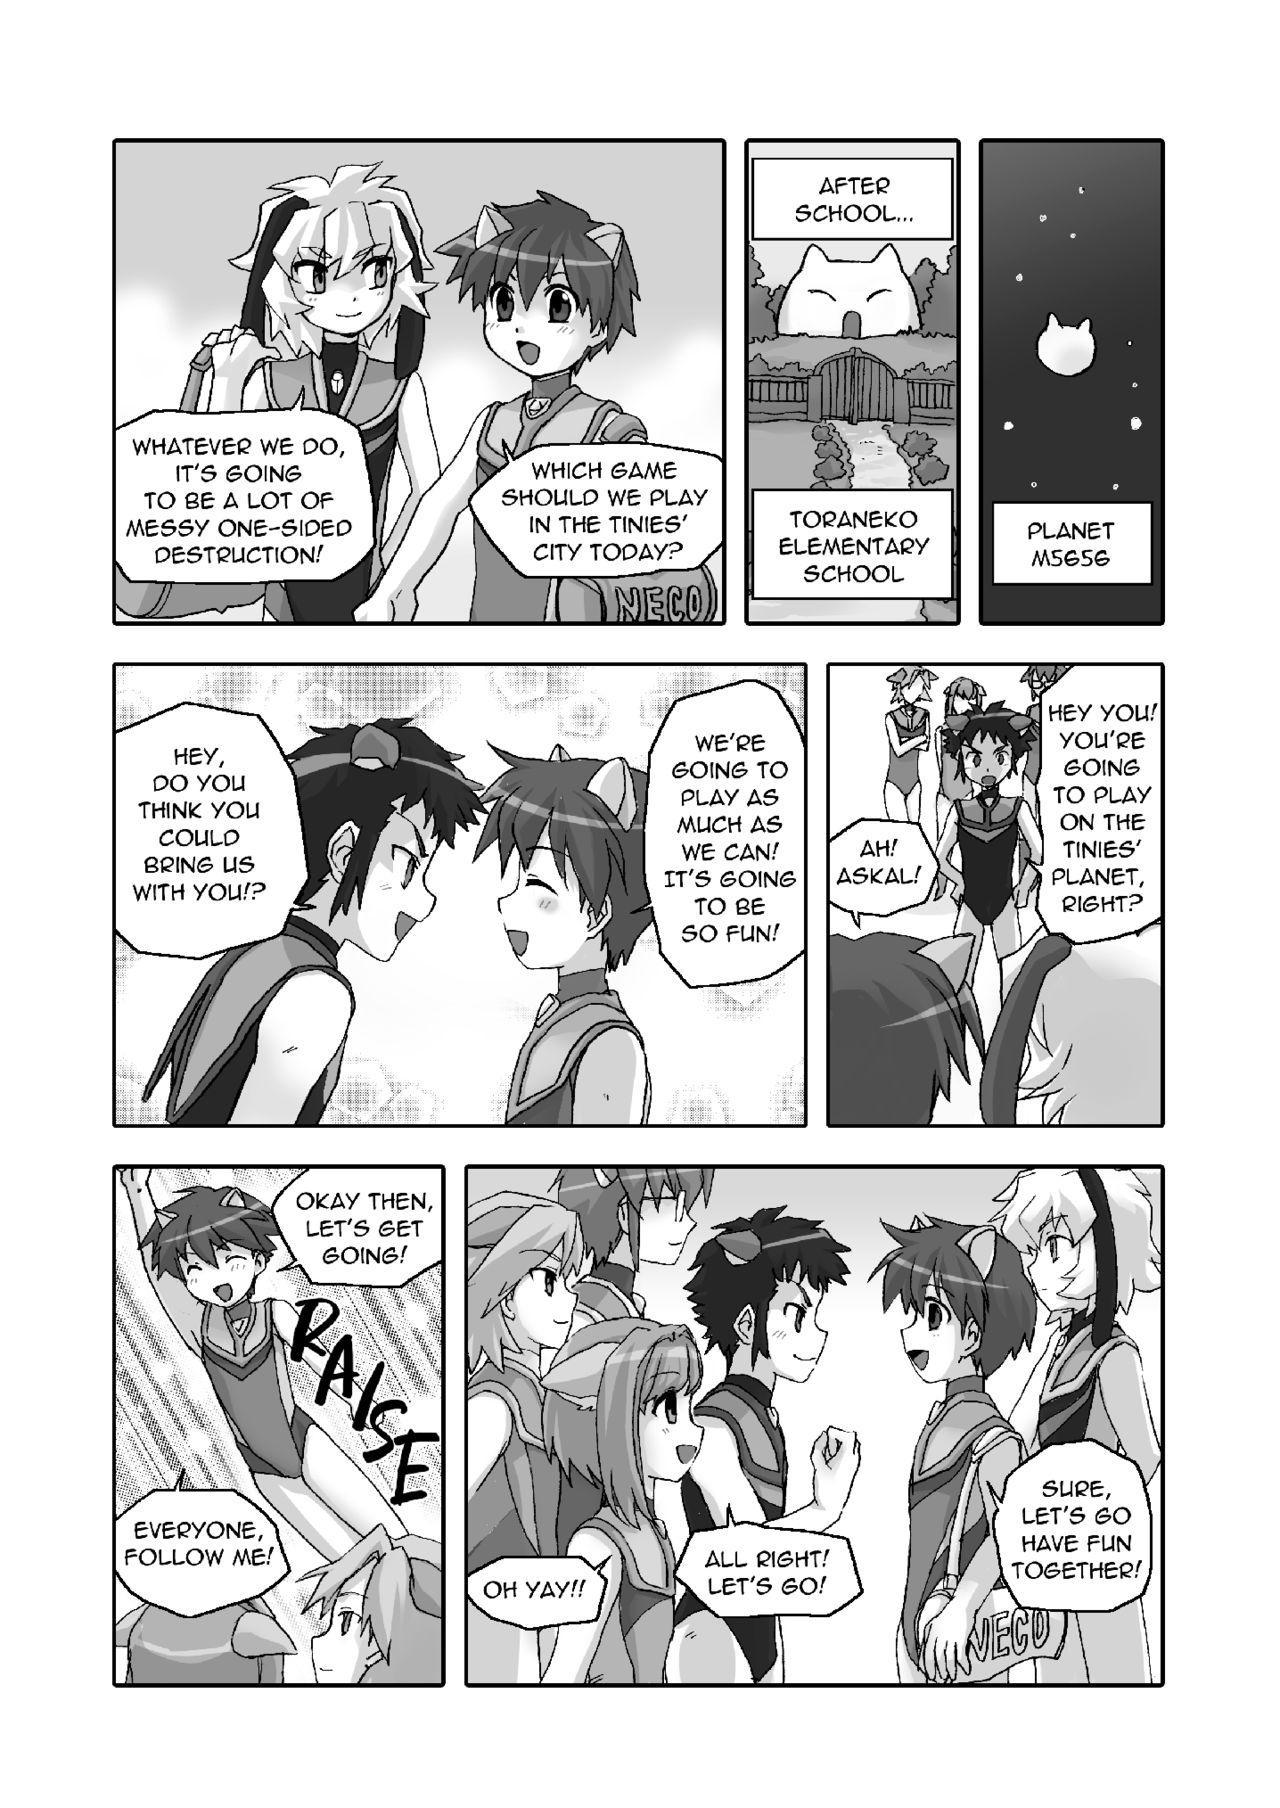 Shingeki no Kyodai Shounens | ATTACK ON GIANT BOYS 1